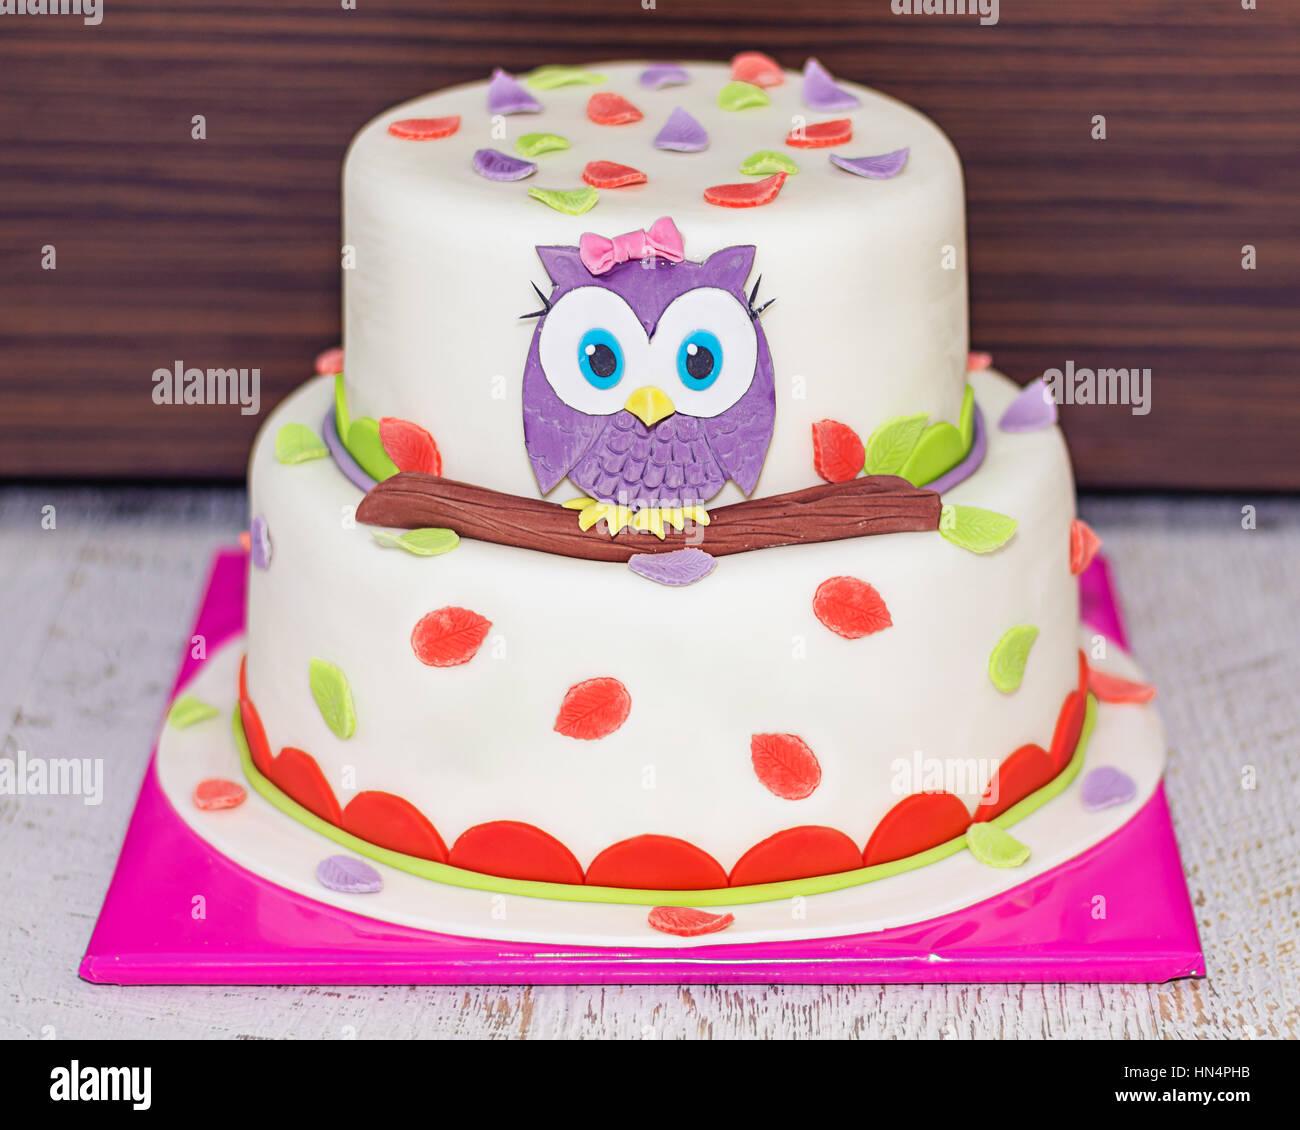 Schone Kuchen Wit Baby Eule Auf Einem Ast Stockfoto Bild 133485895